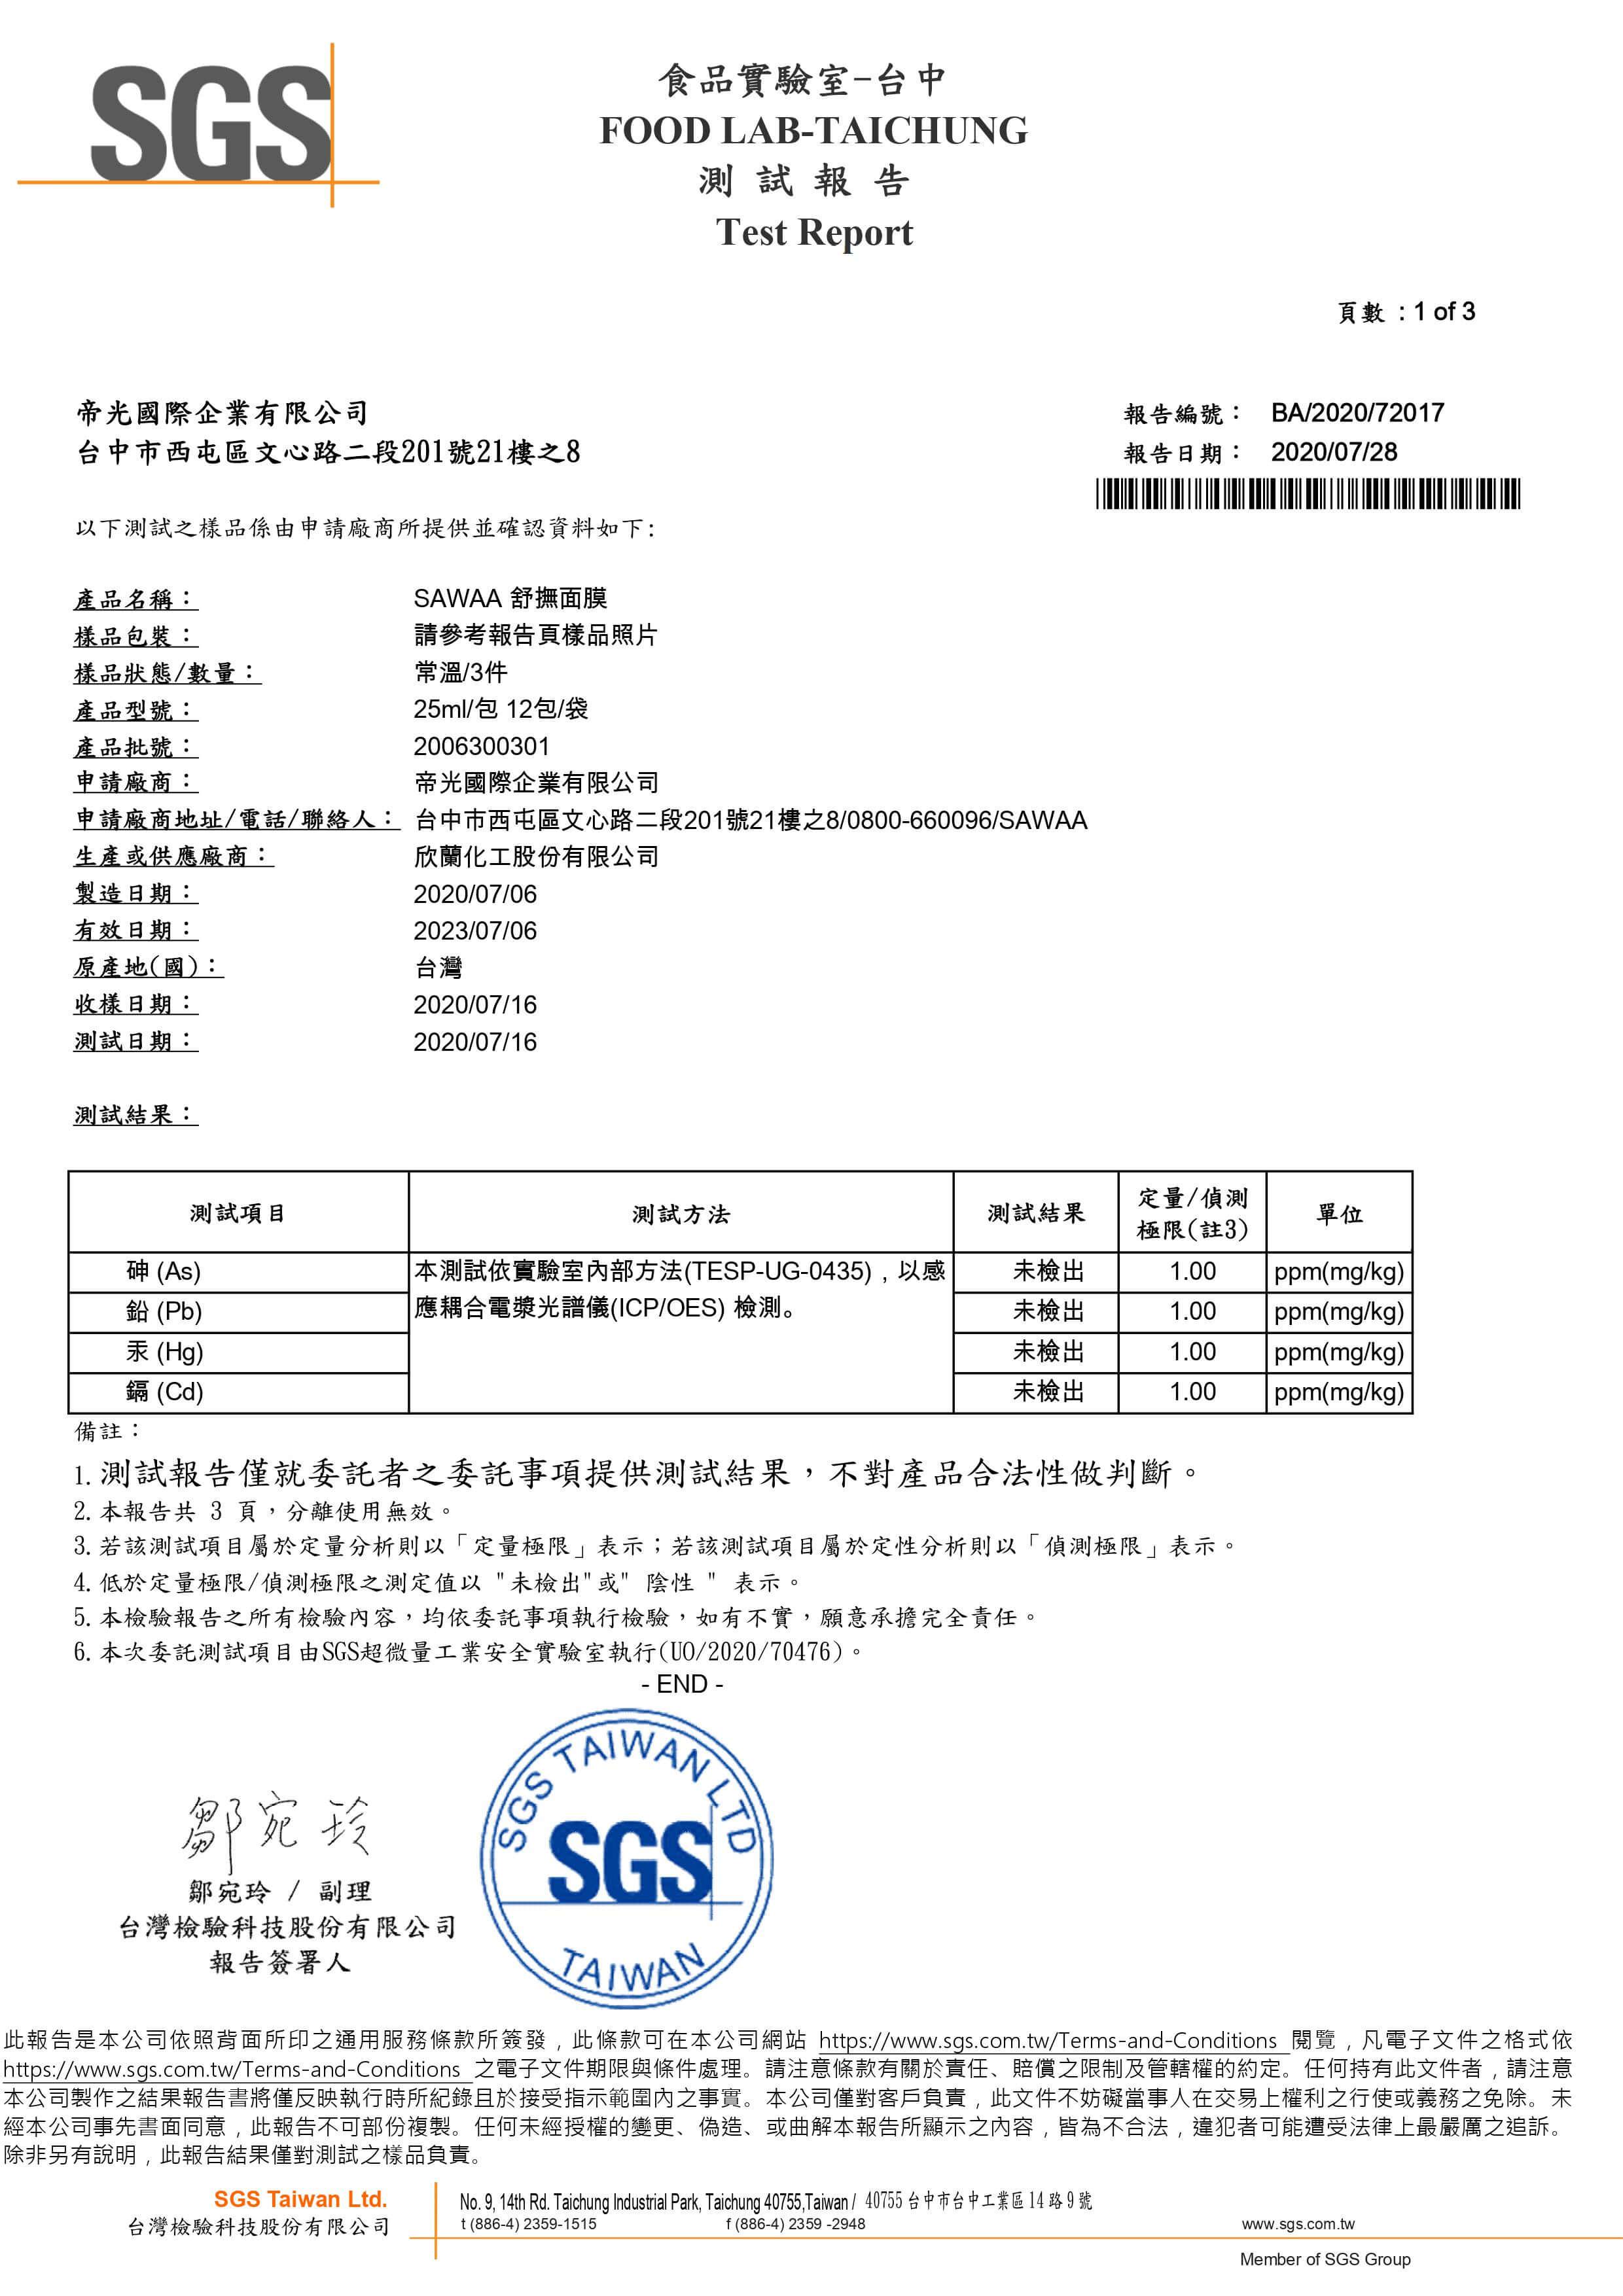 SGS檢驗報告 No.1 p1-3